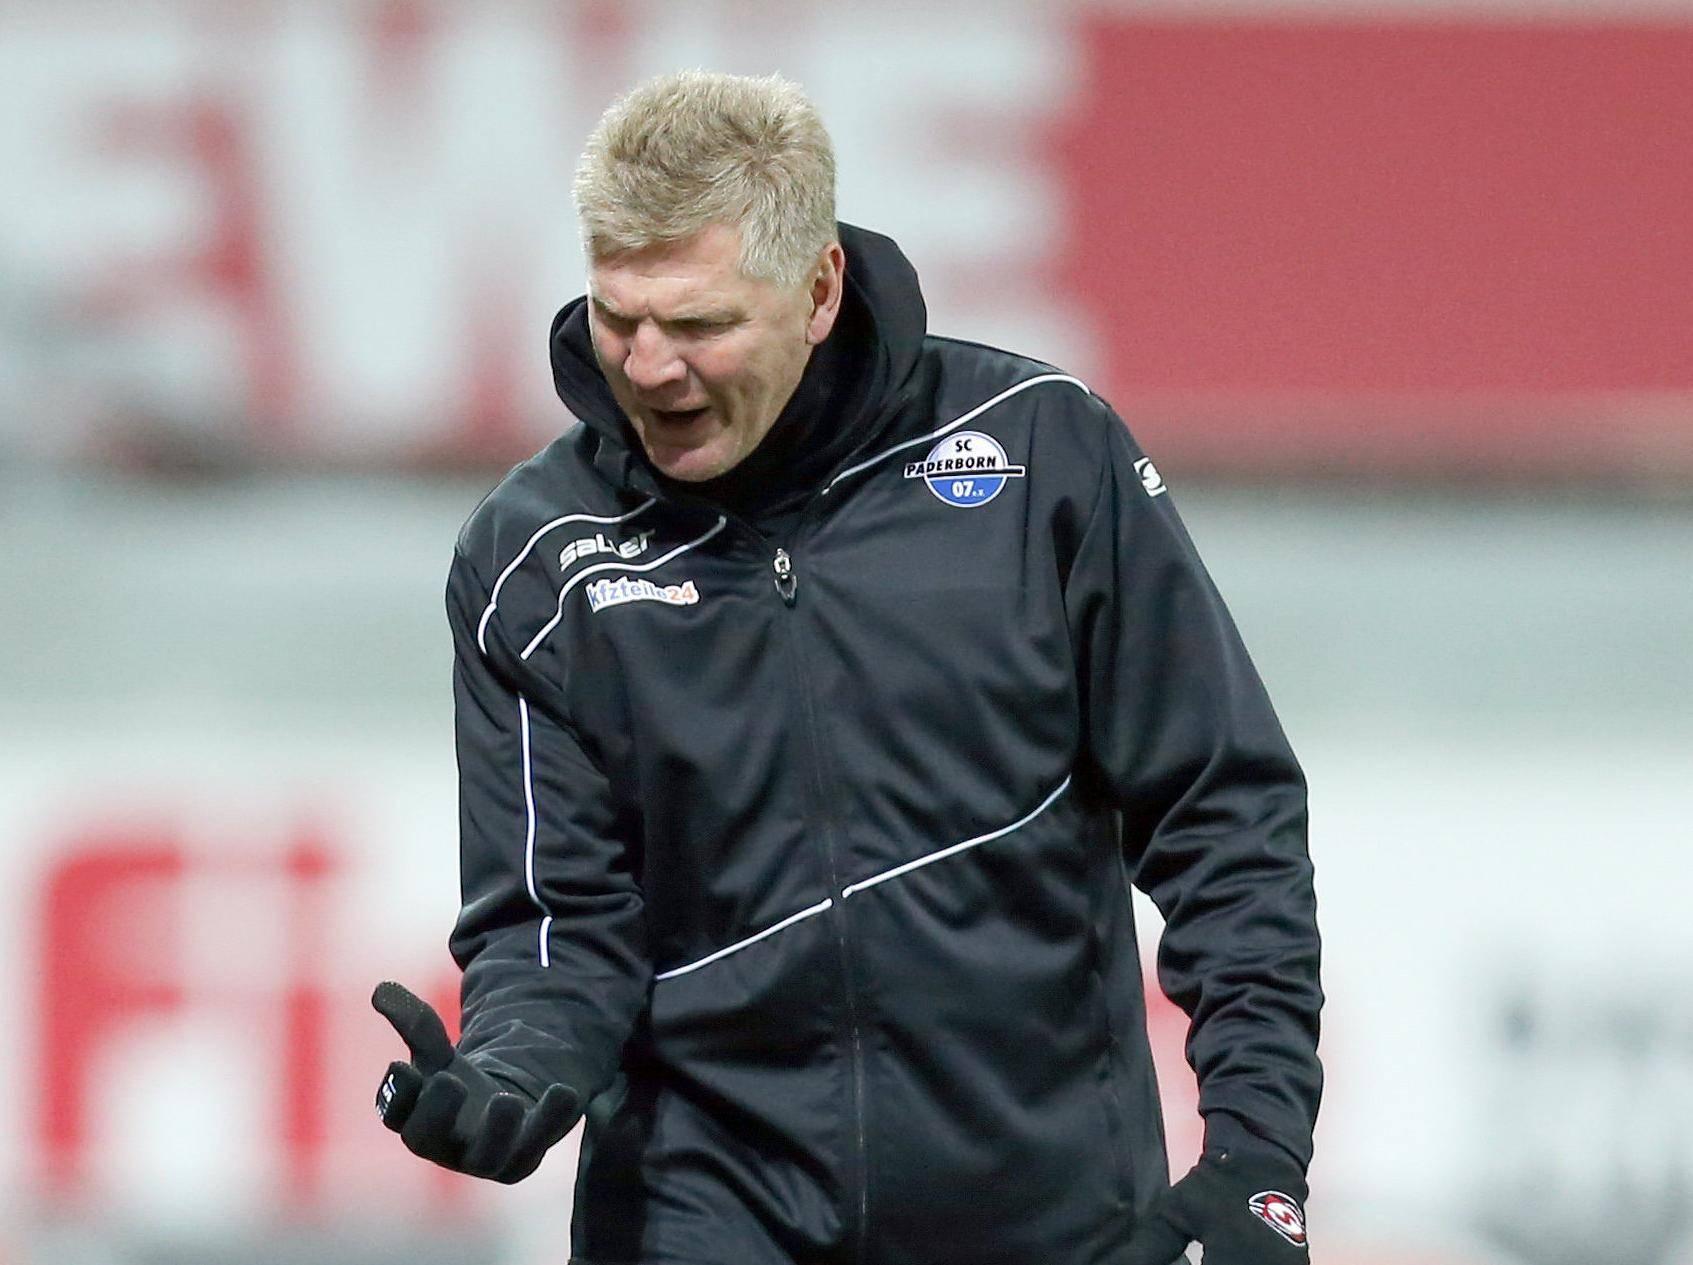 Effenberg Trainer